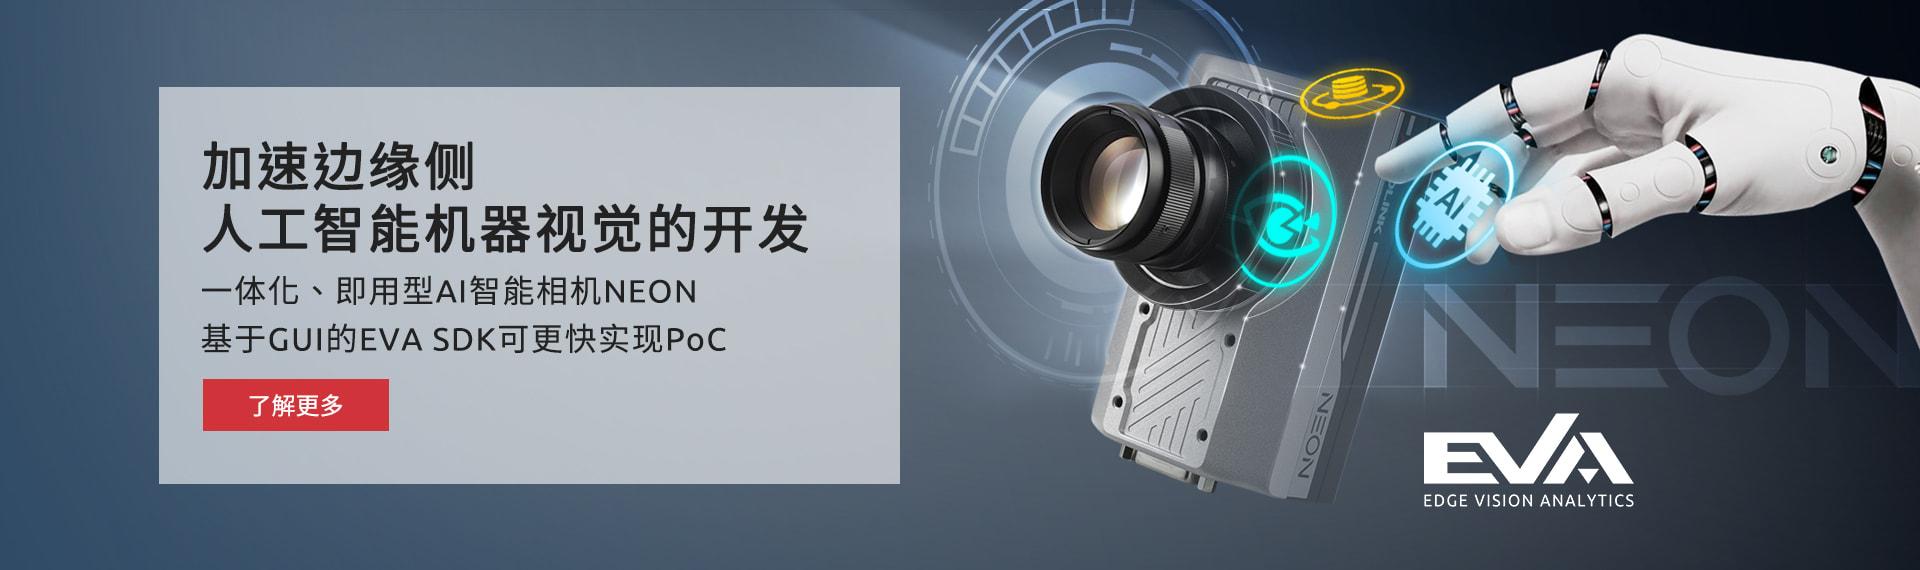 一体化、即用型AI智能相机NEON 基于GUI的EVA SDK可更快实现PoC